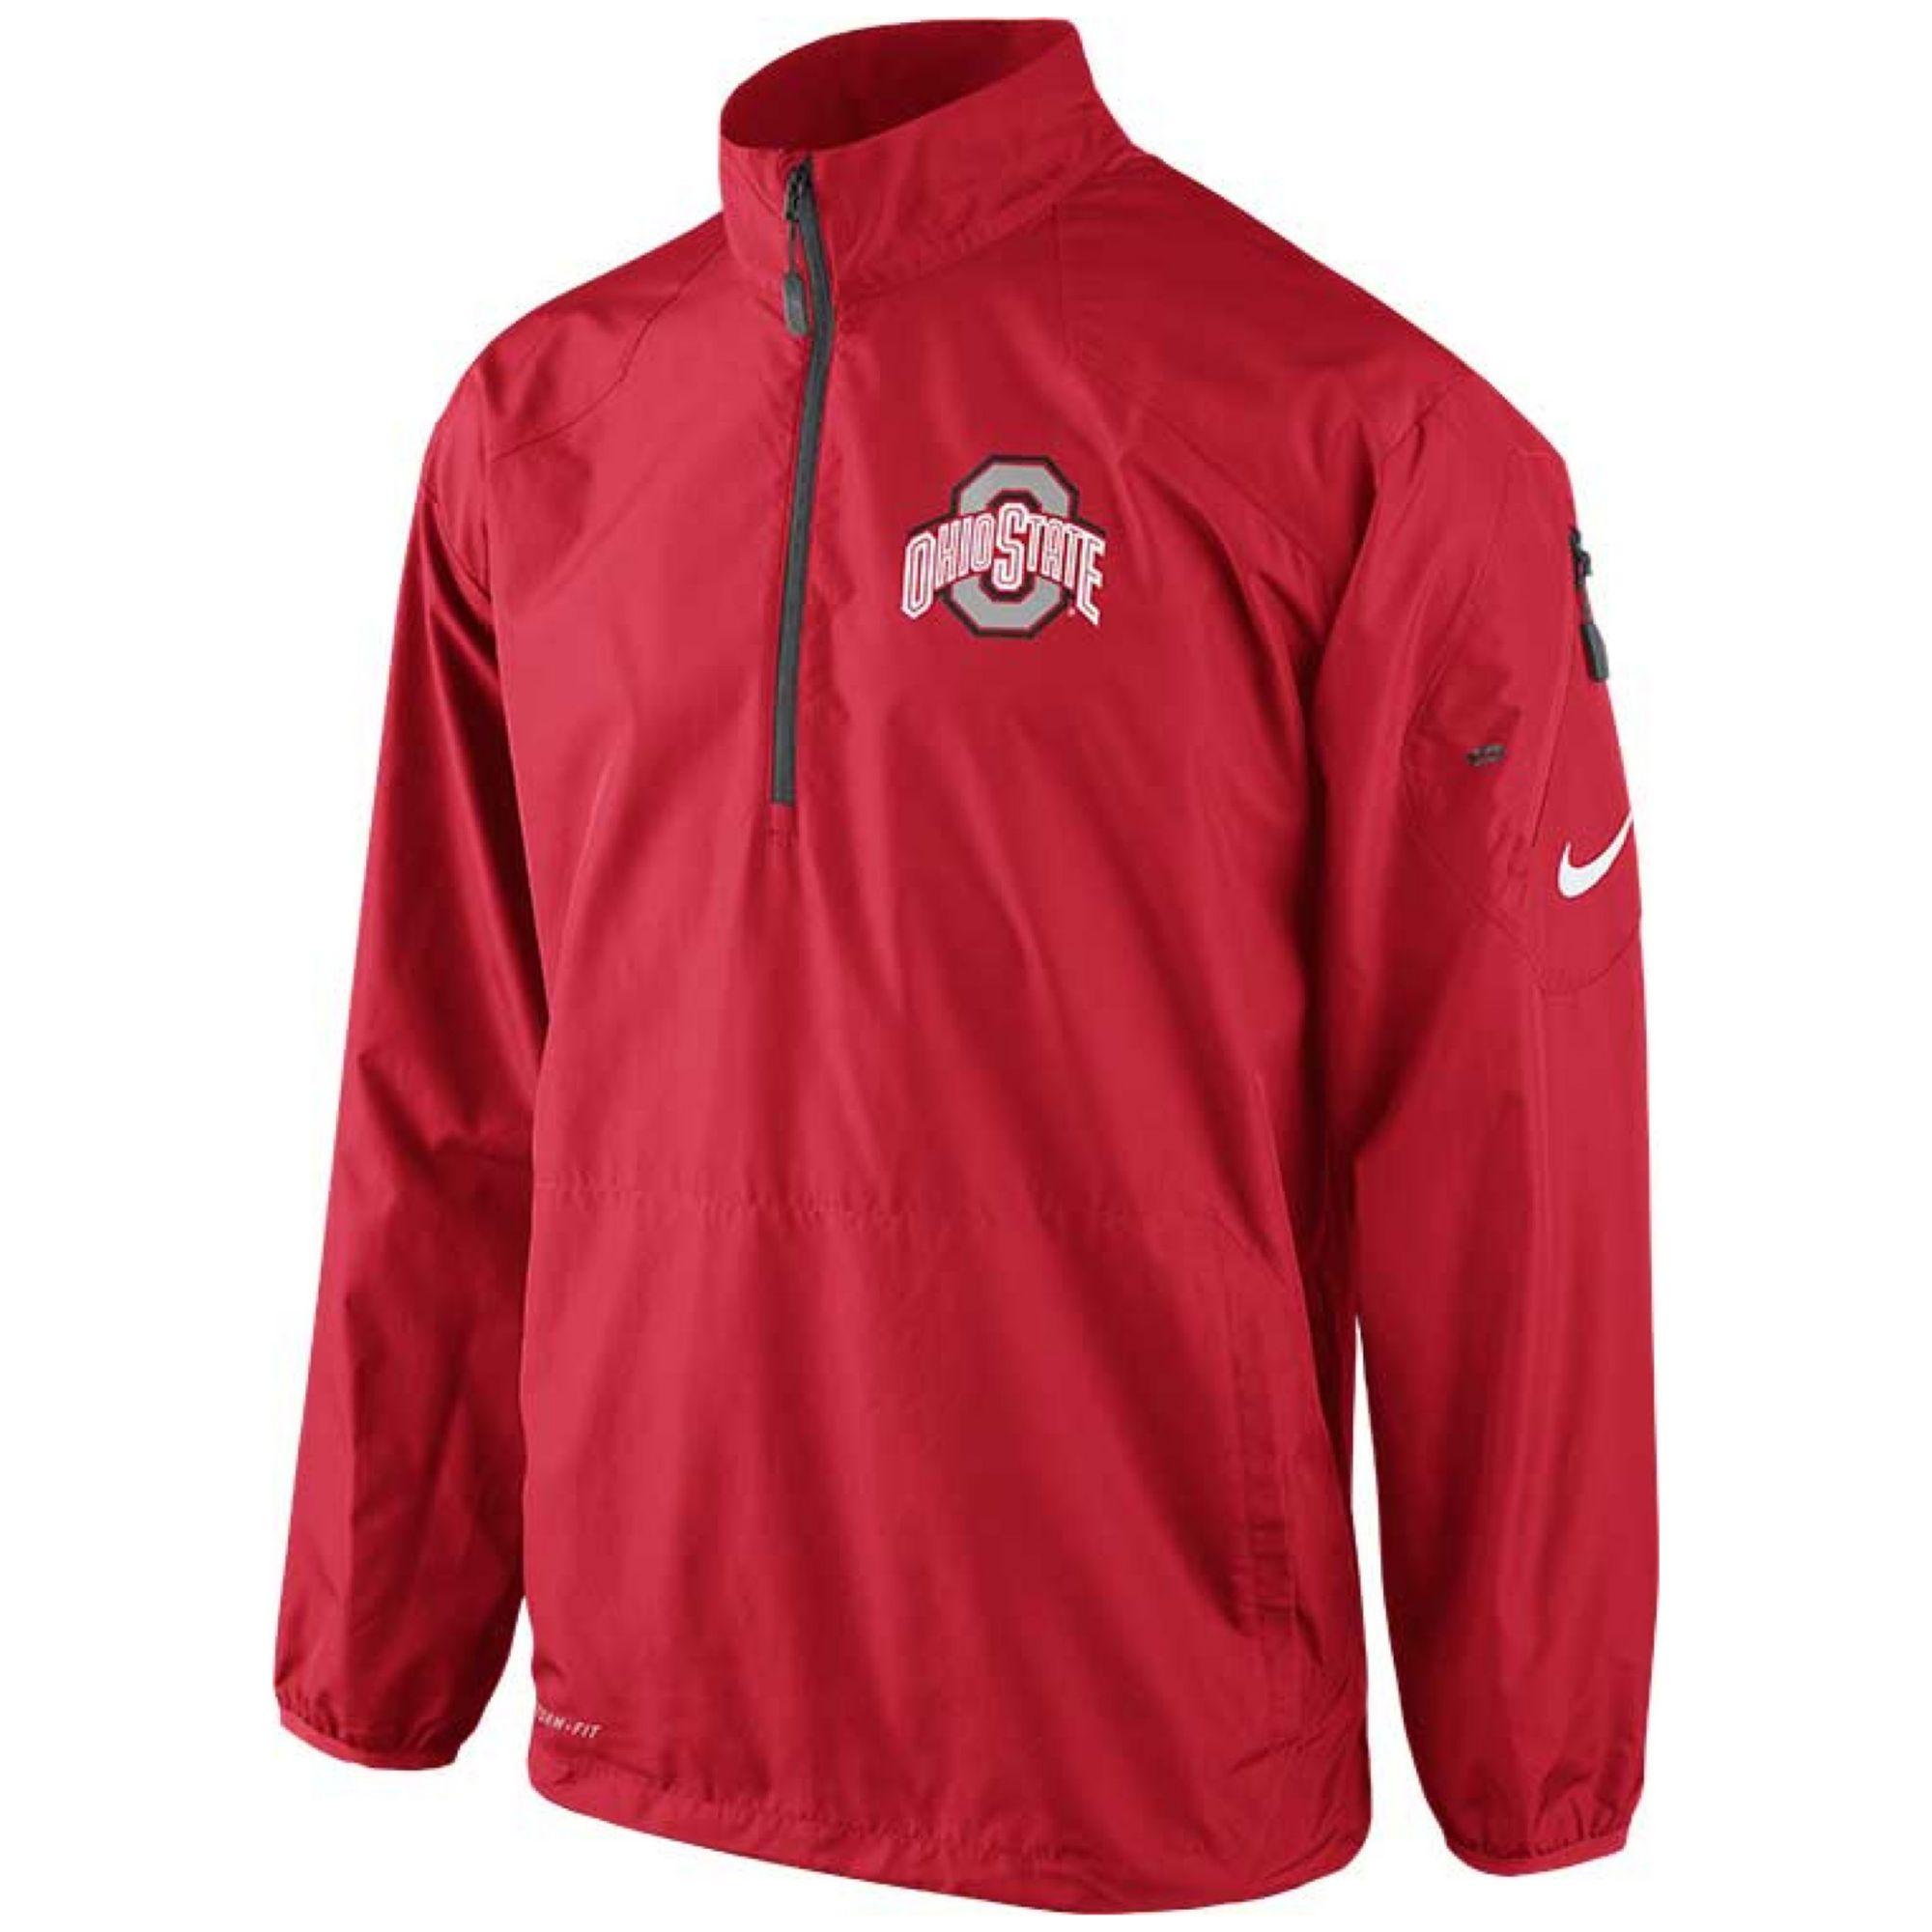 Nike Mens Ohio State Buckeyes Halfzip Pullover Jacket In